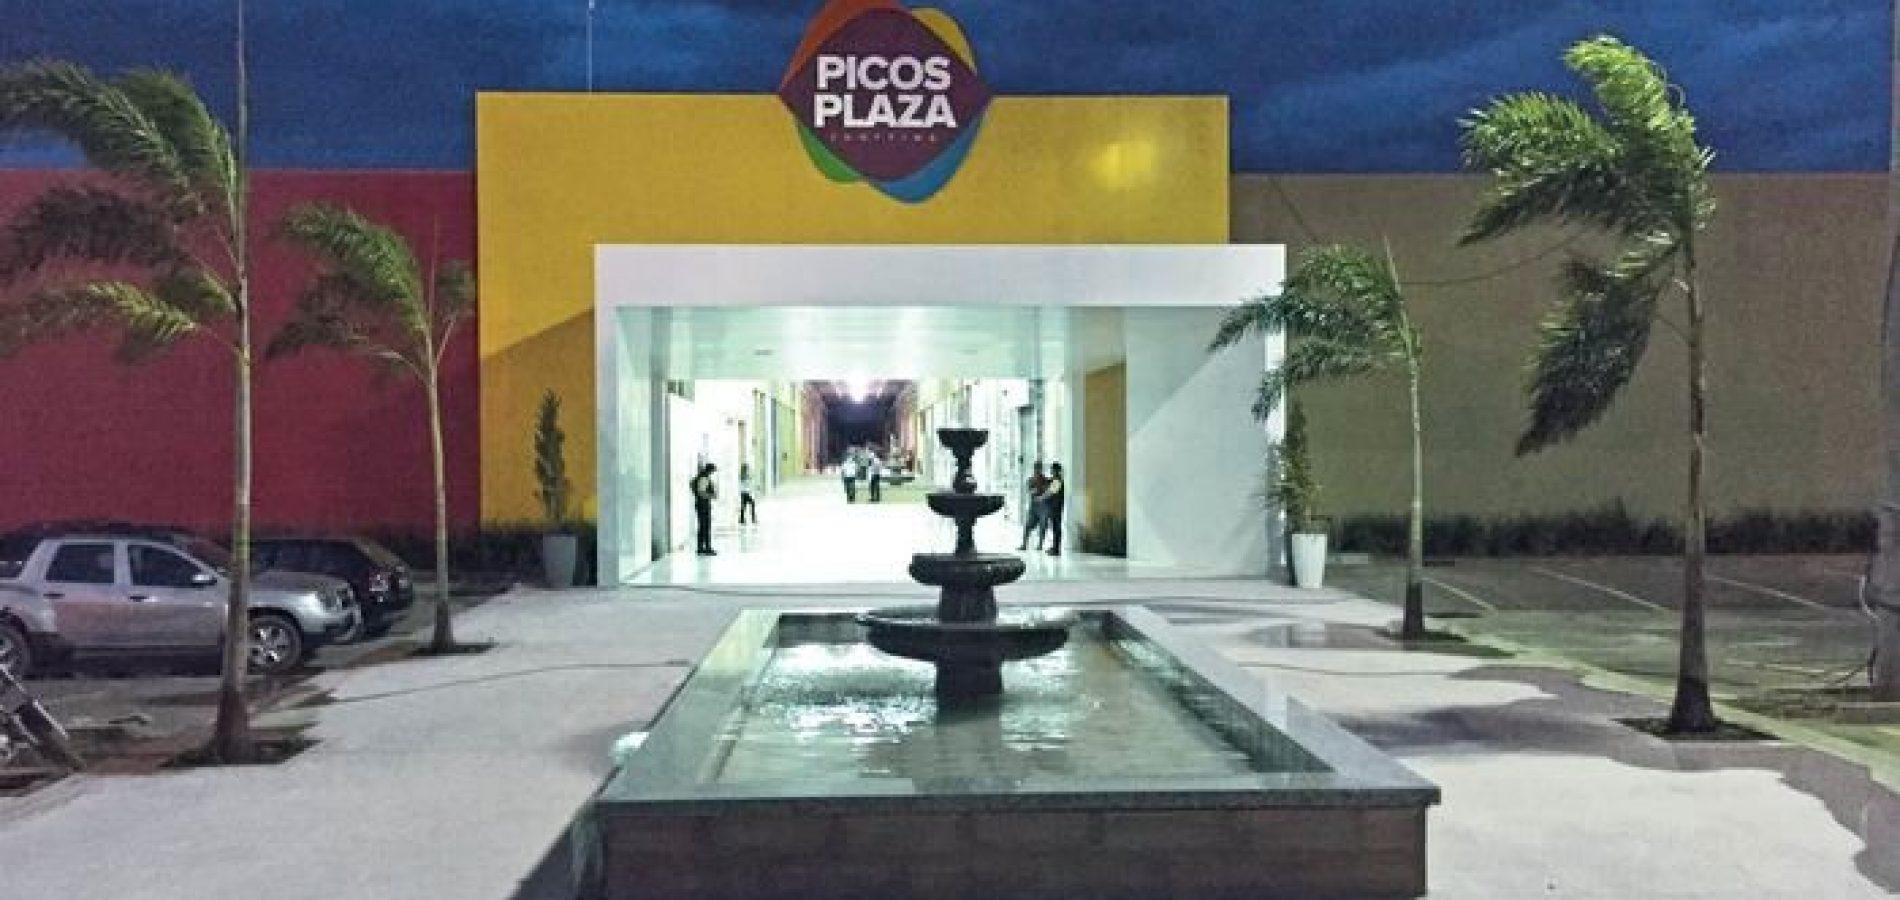 Cinema do Picos Plaza Shopping será inaugurado em dezembro